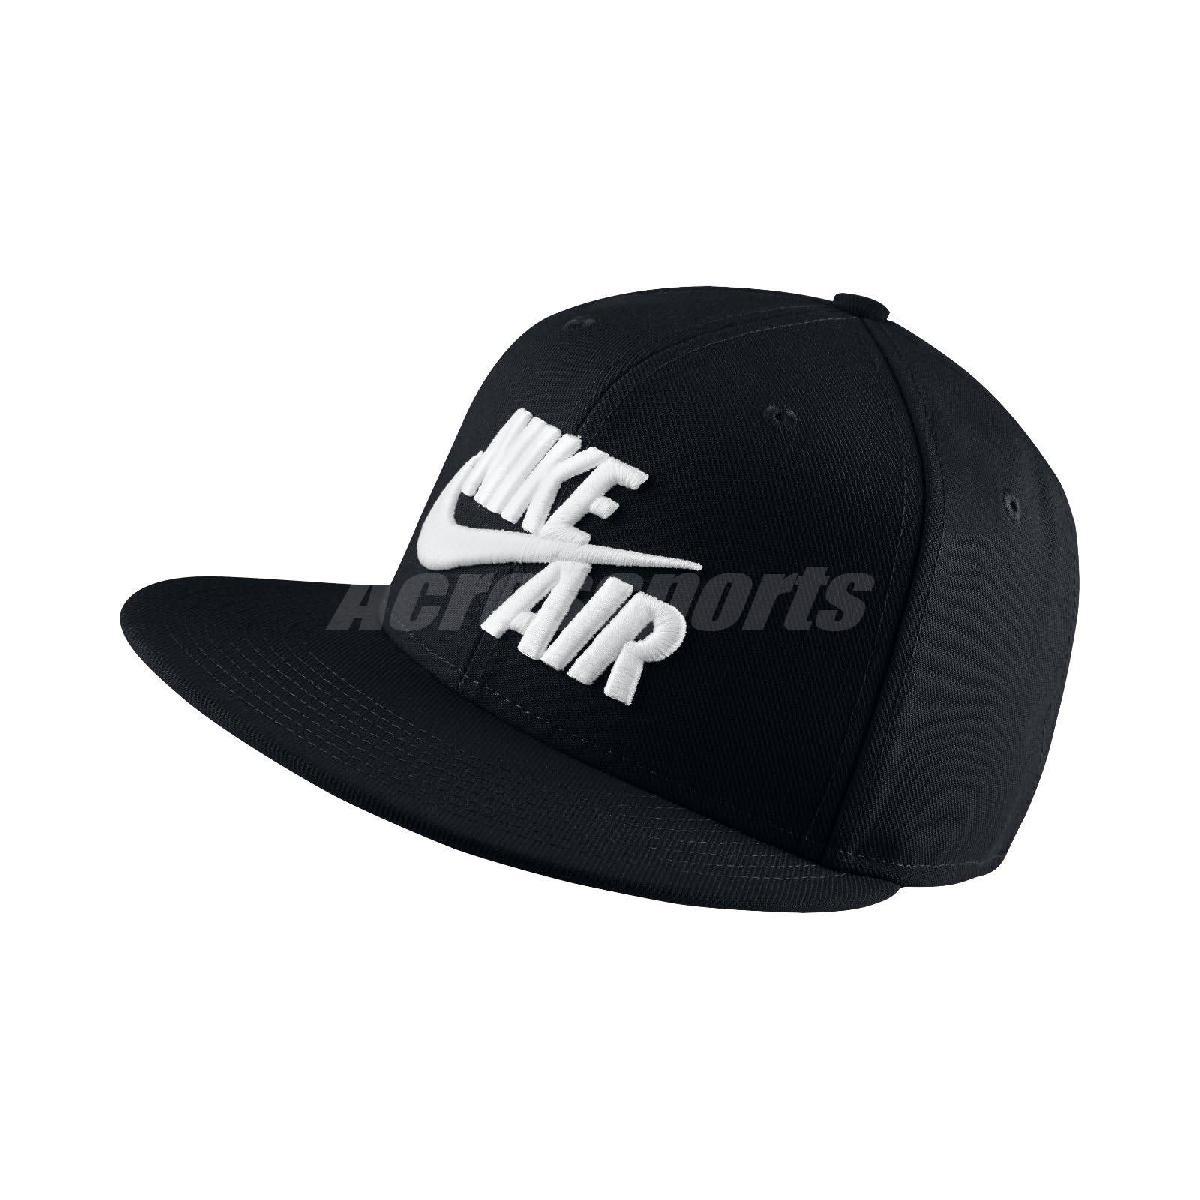 Nike帽子Air Trie Eos Snapback Cap黑白電繡LOGO後扣式棒球帽男女款PUMP306 805063-010